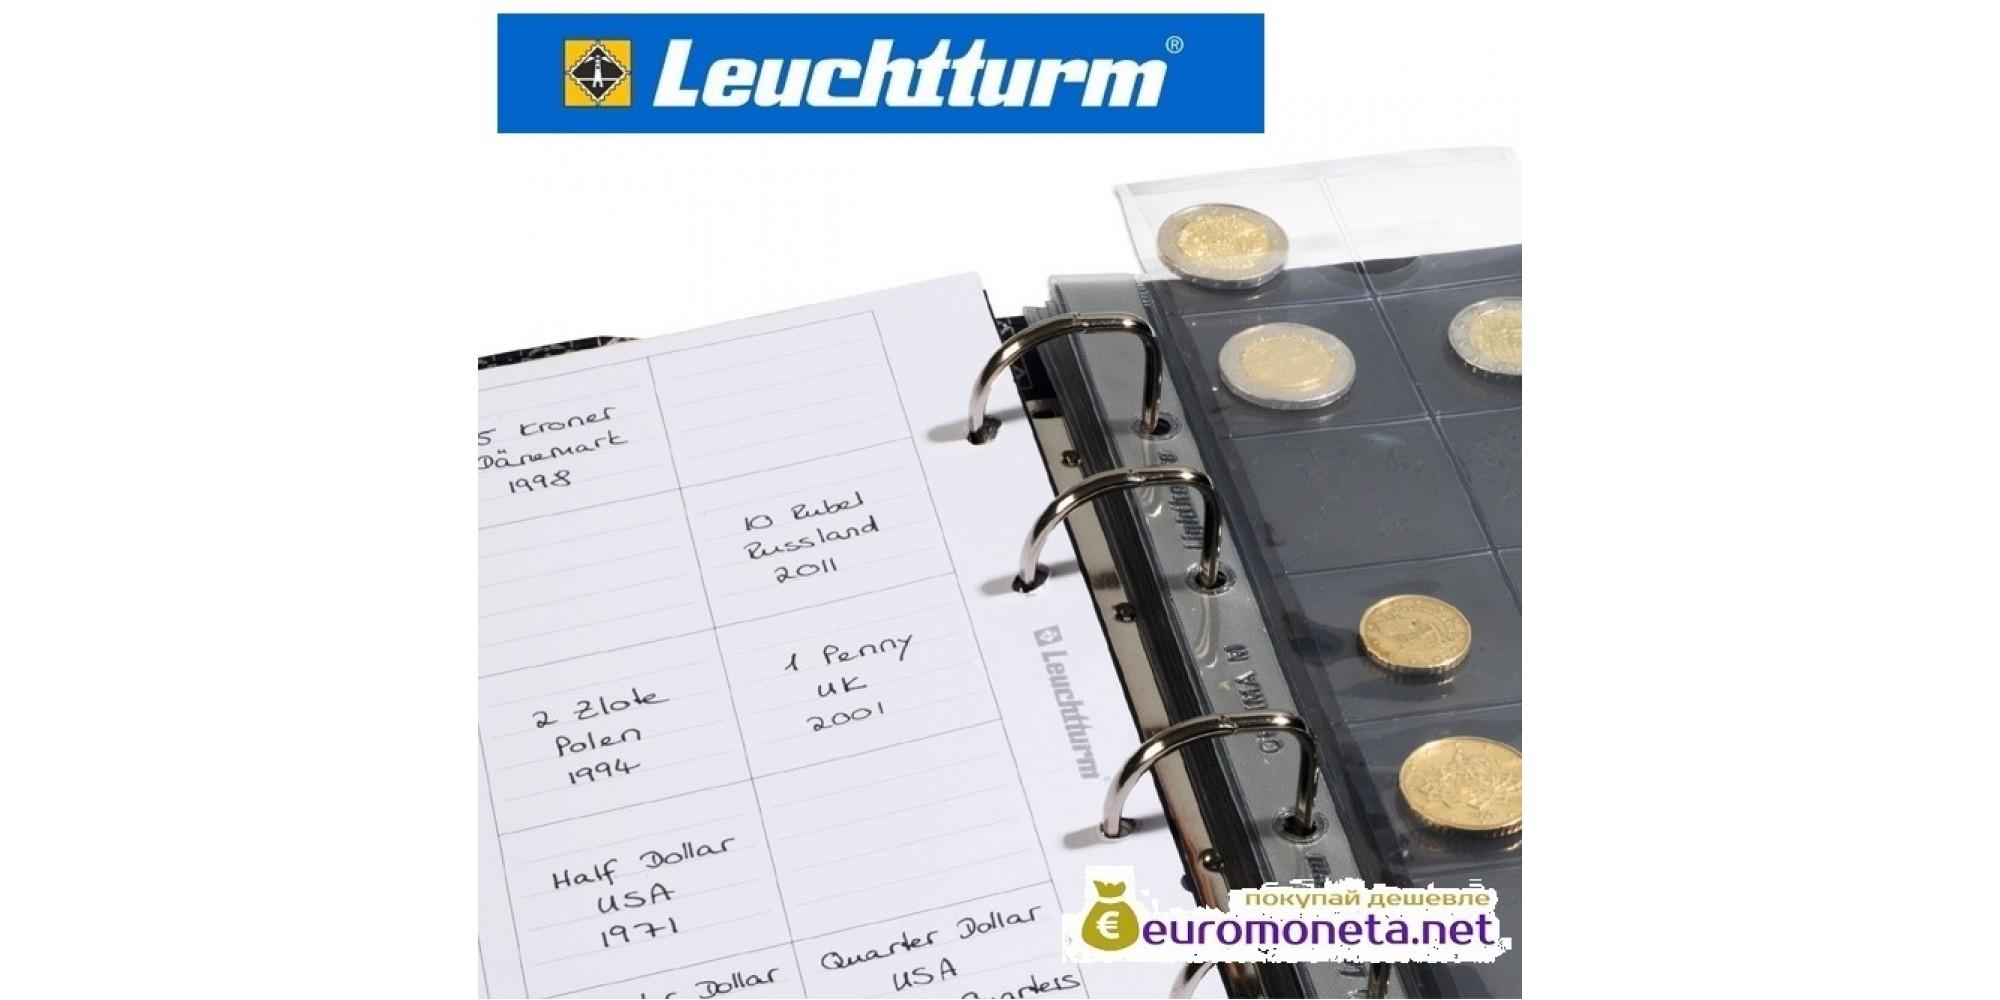 Leuchtturm OPTIMA ZWL34 промежуточный лист разделитель